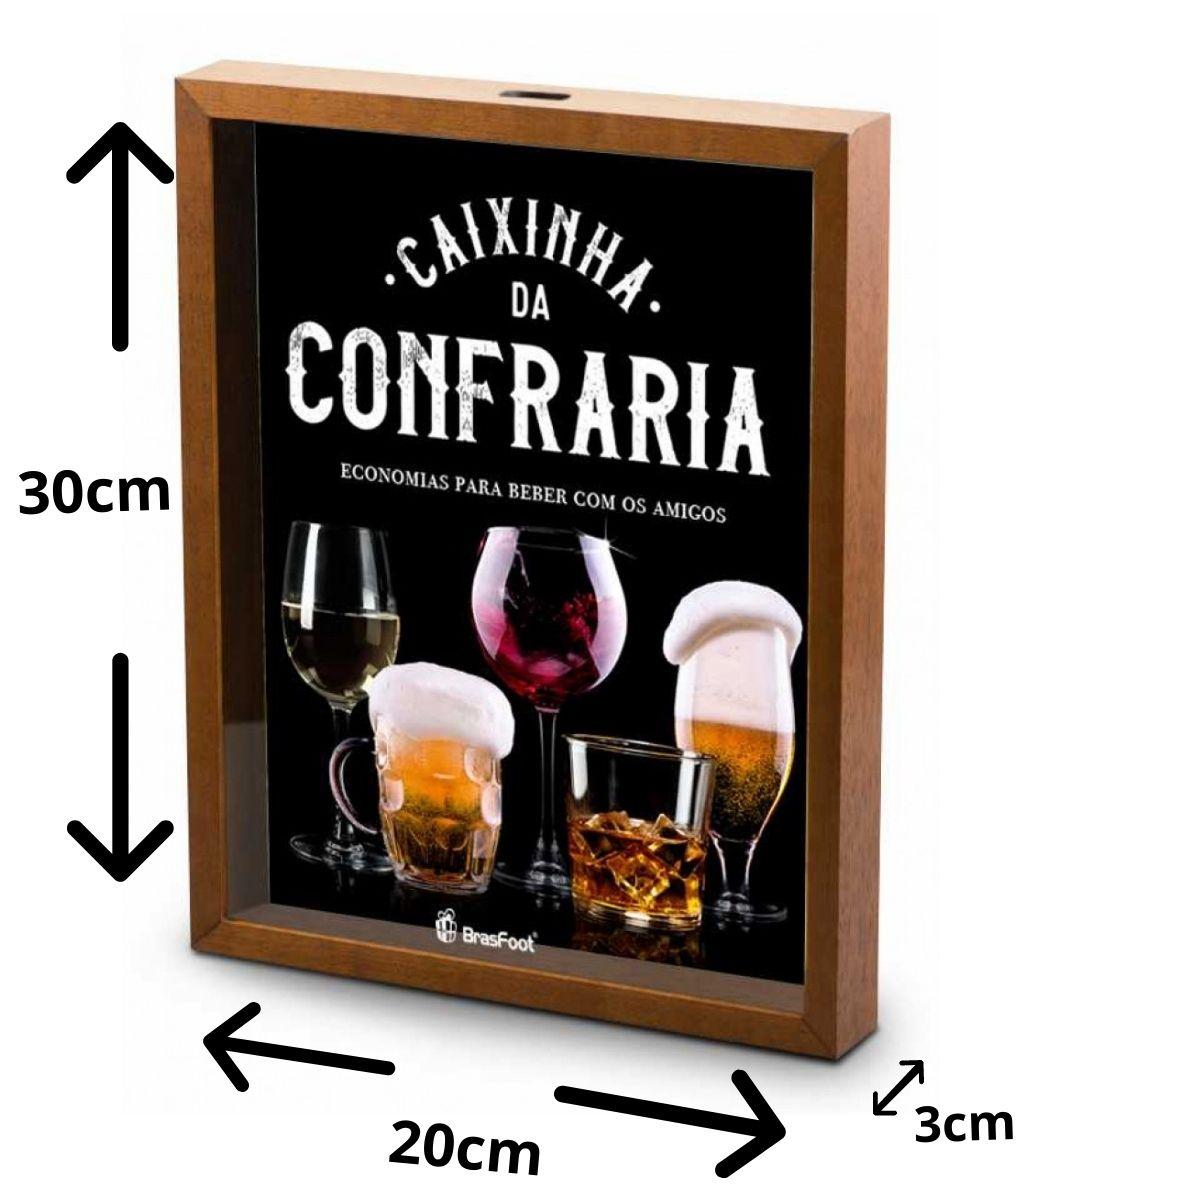 Quadro Cofre Decorativo - Confraria - Economias Para Beber Com Os Amigos 30x20cm Brasfoot